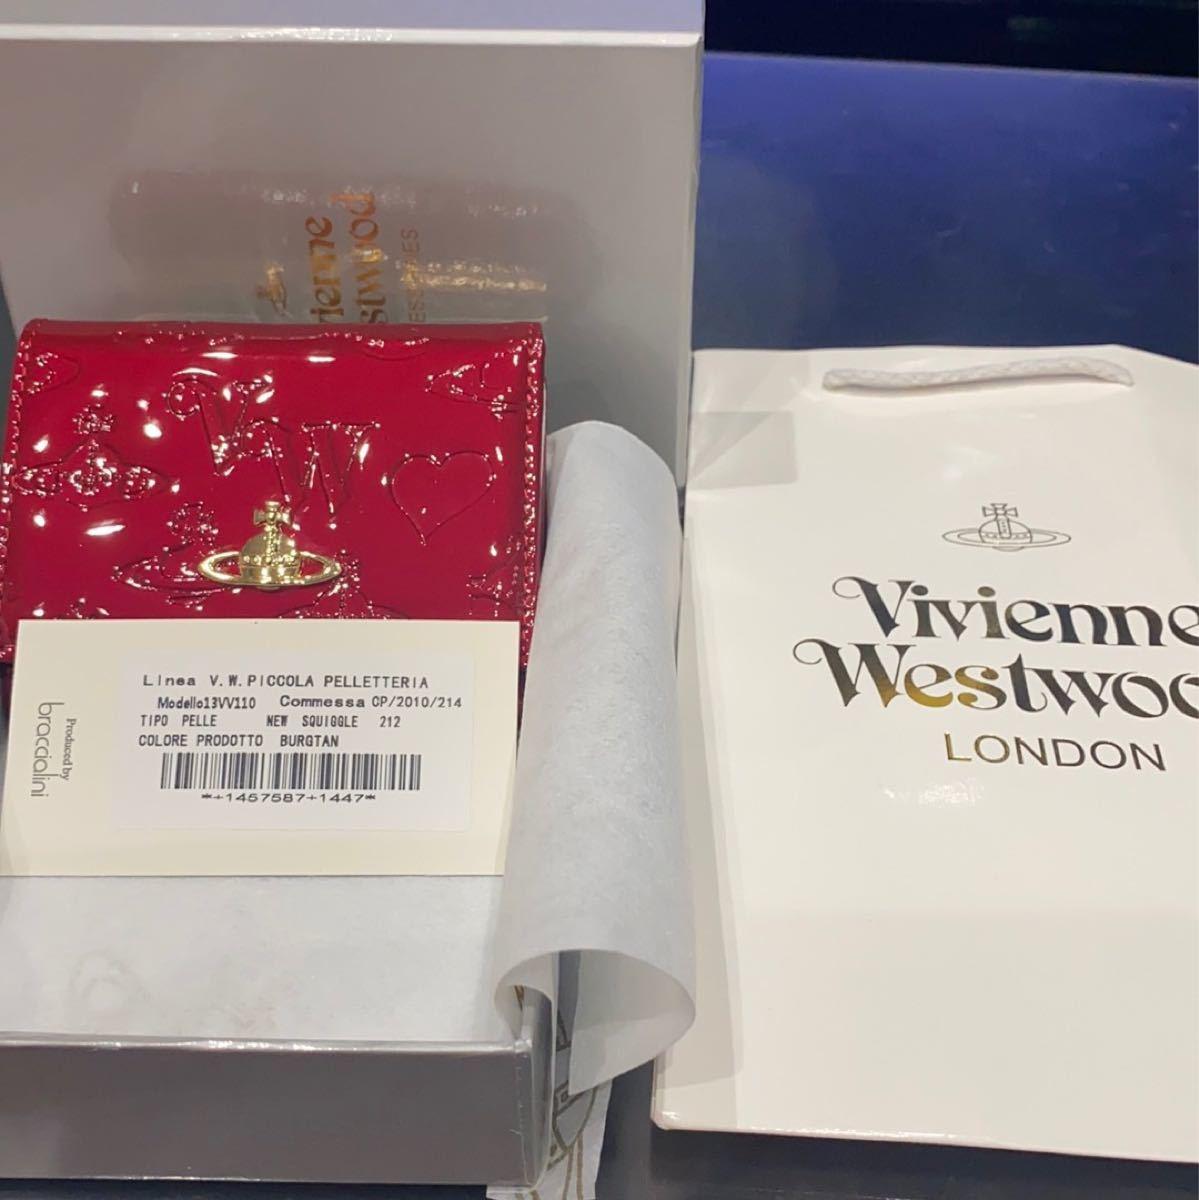 ヴィヴィアンウエストウッド Vivienne オーブ 赤 エナメル 三つ折り 財布 ミニ財布 コンパクト☆